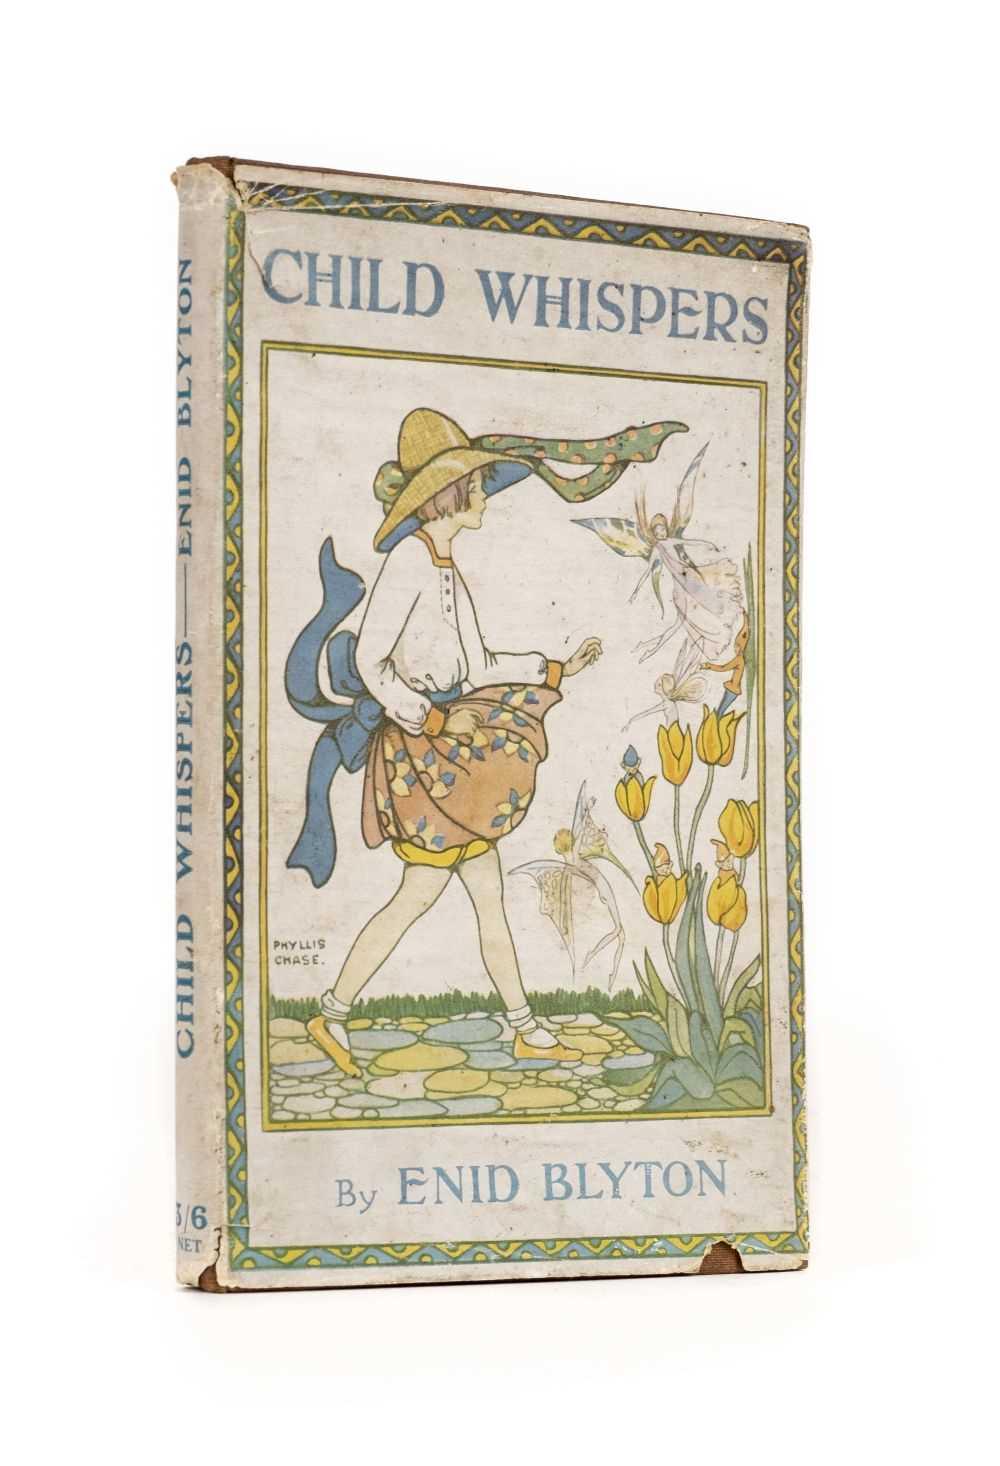 Lot 593 - Blyton (Enid). Child Whispers, 1923